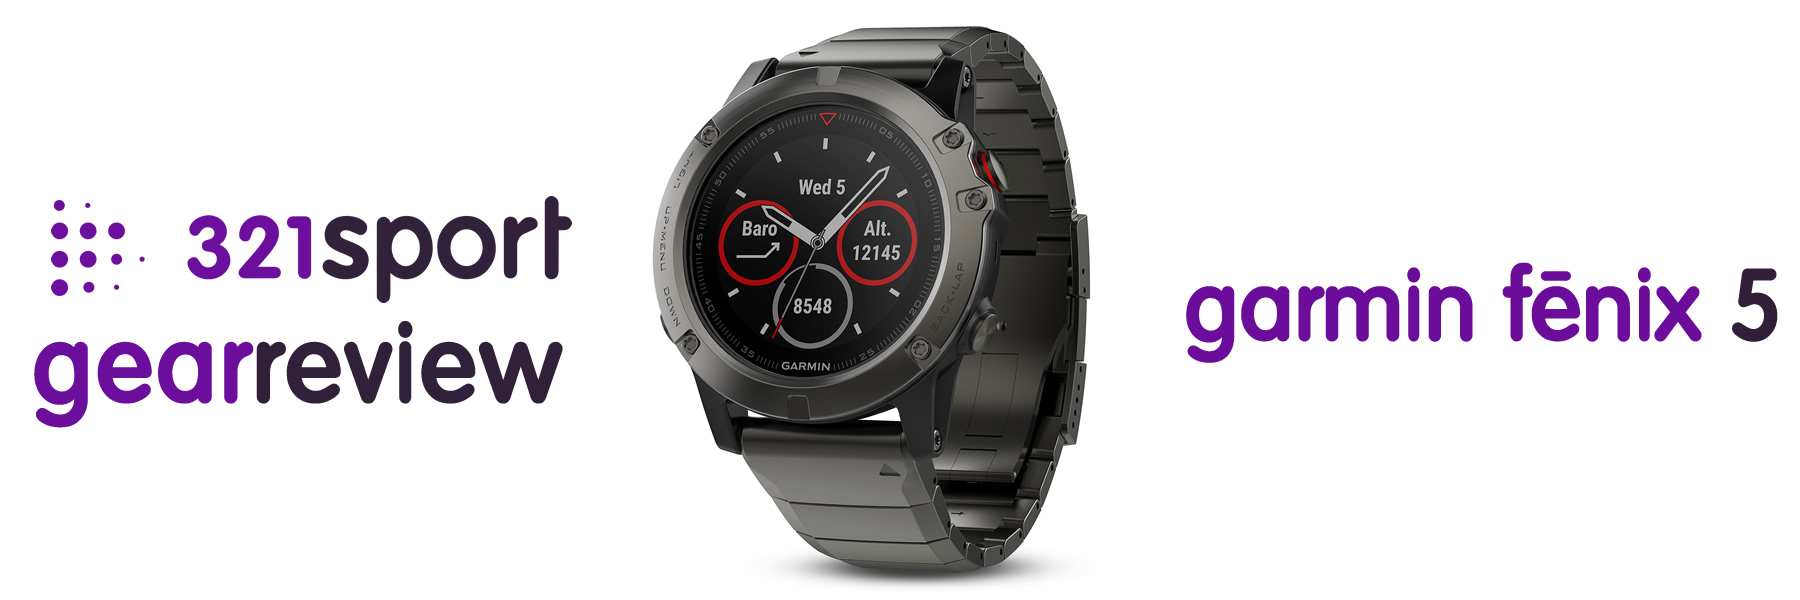 Garmin Fenix 5 review – cel mai cel ceas de alergare / BAD BOYS